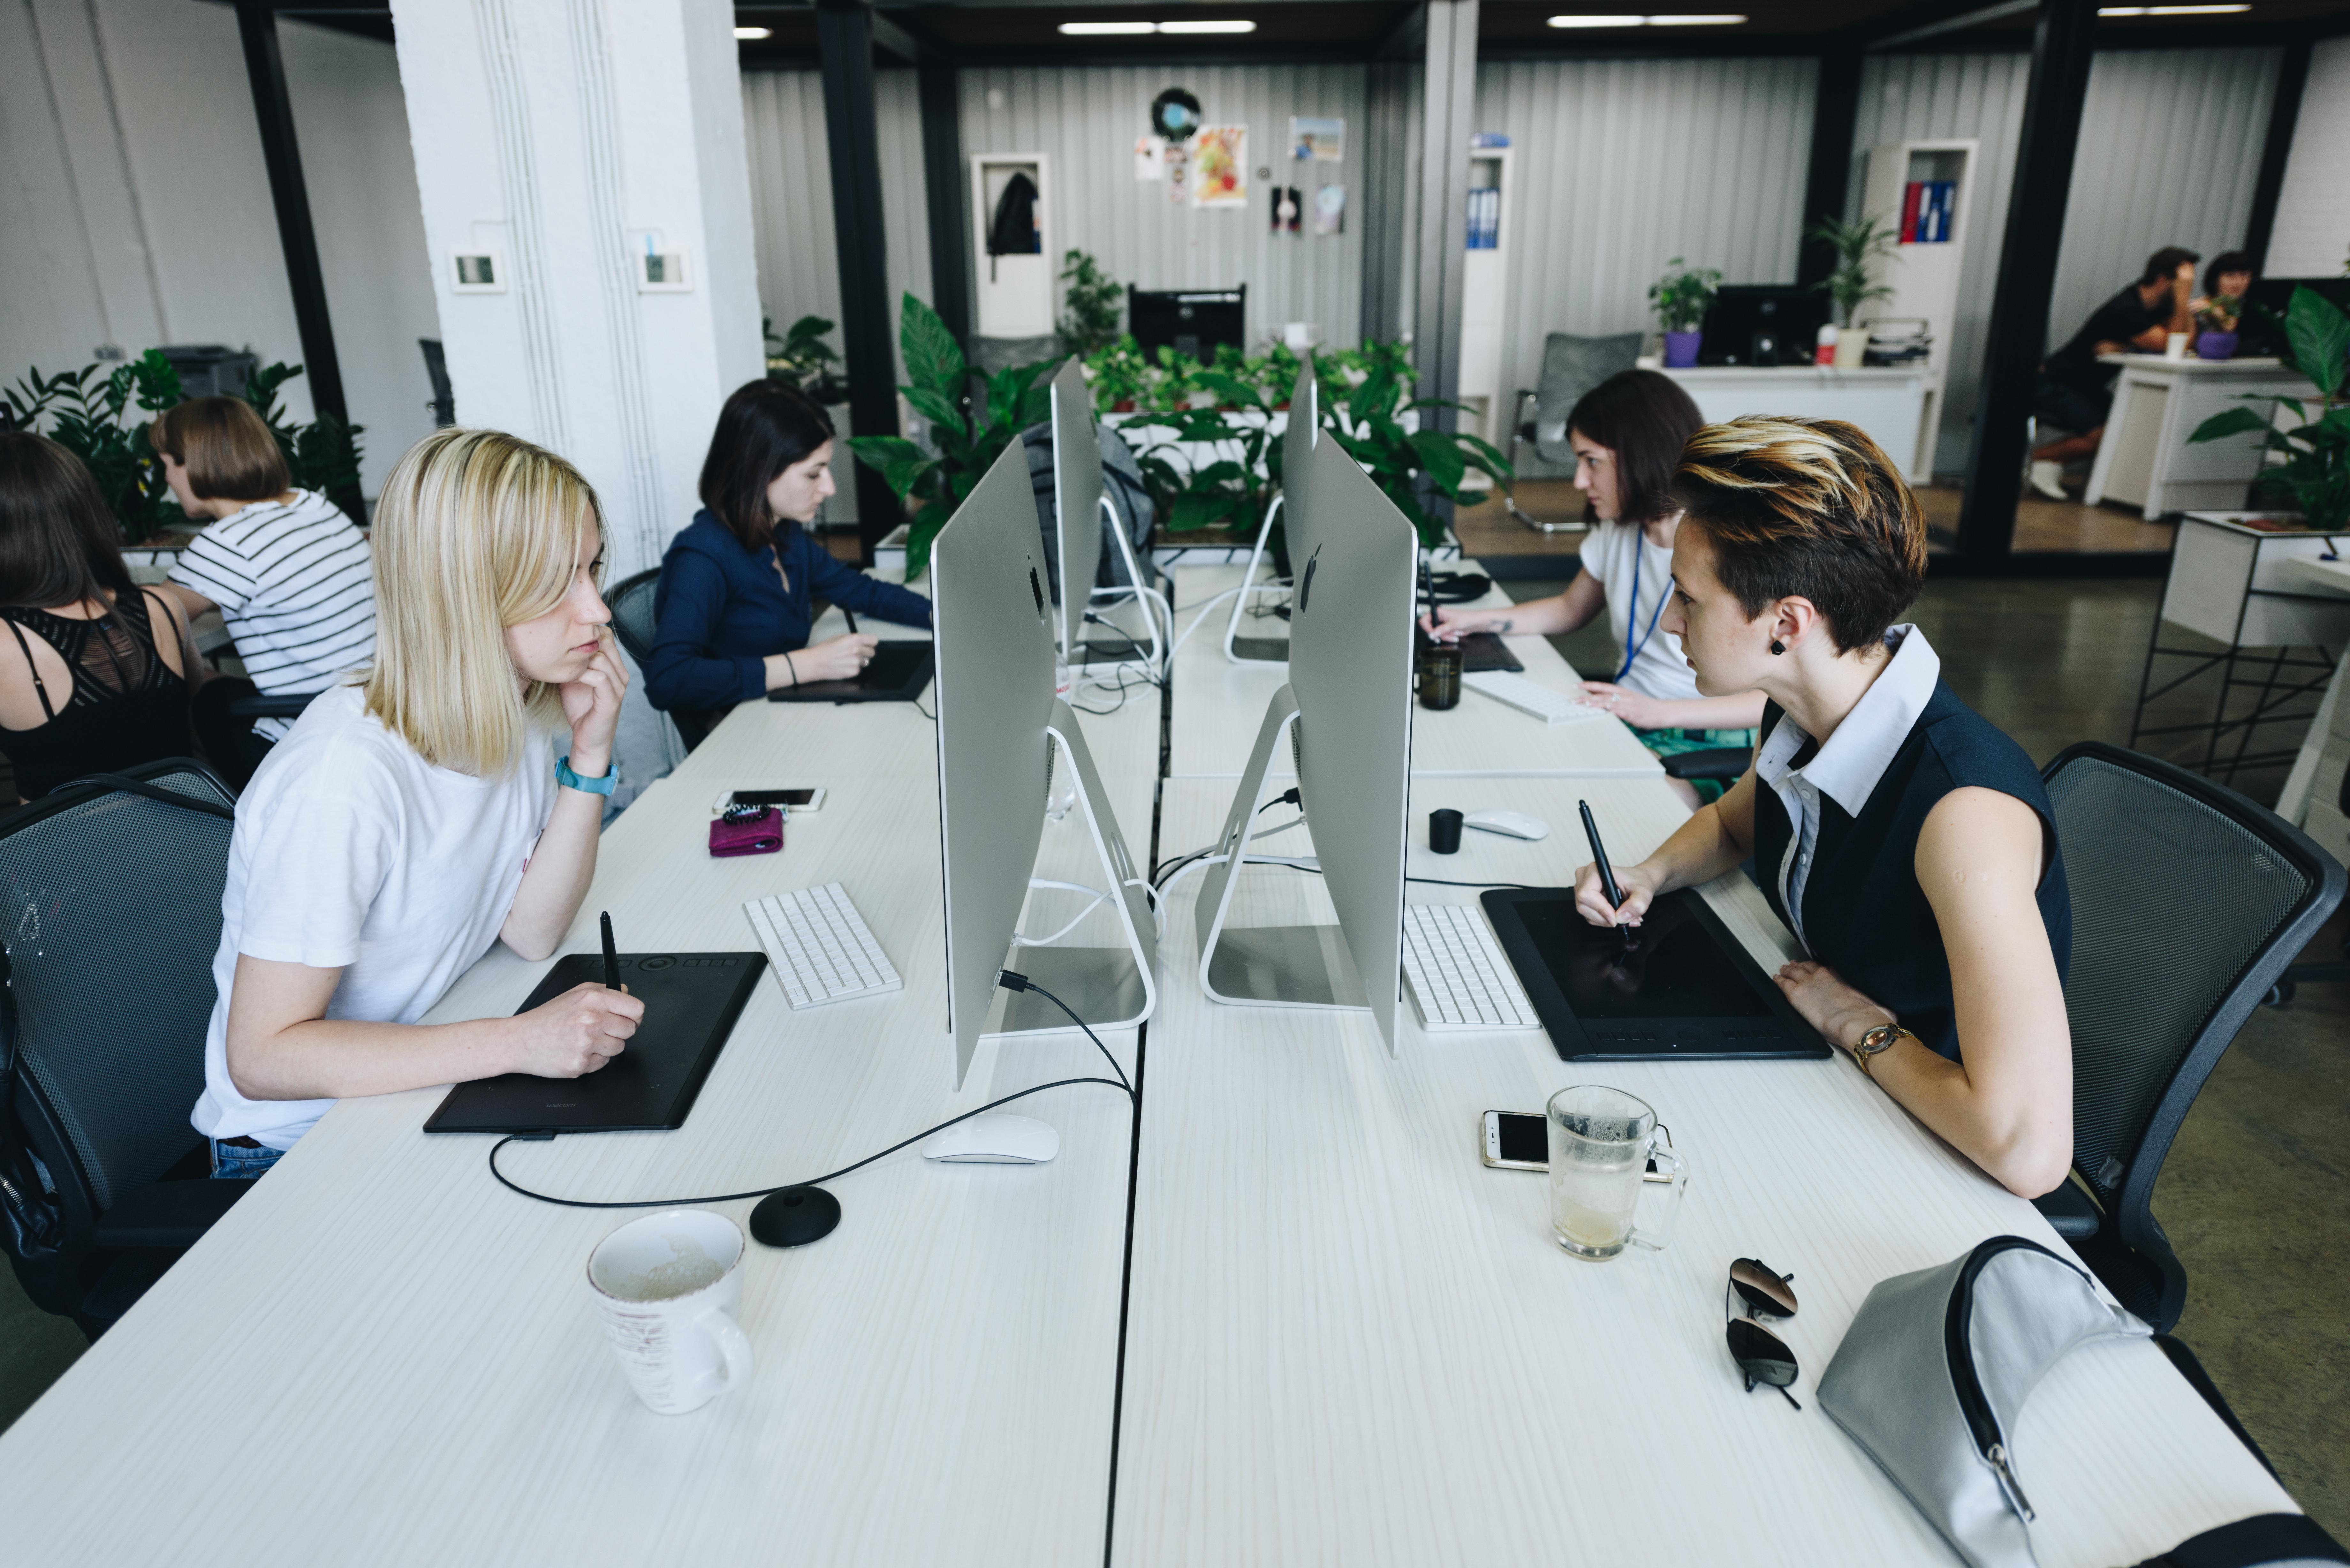 10 крутых украинских проектов: офис Depositphotos - фото